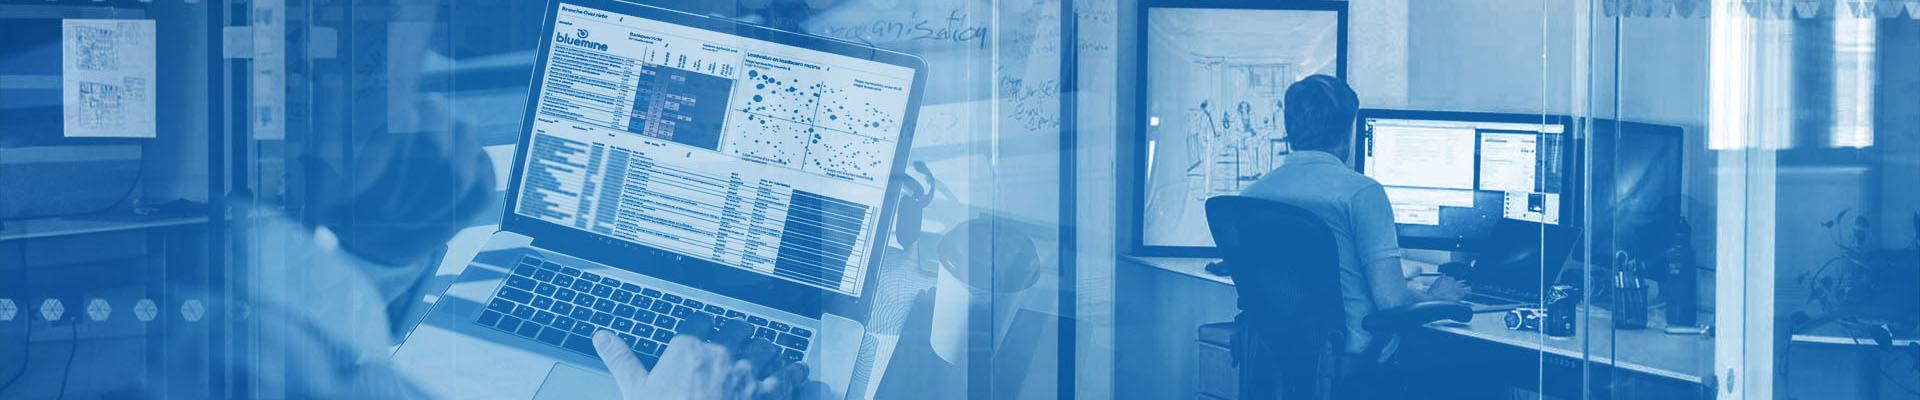 Pak de telefoon voormeer informatie over ons unieke Business Intelligence concept voor het MKB